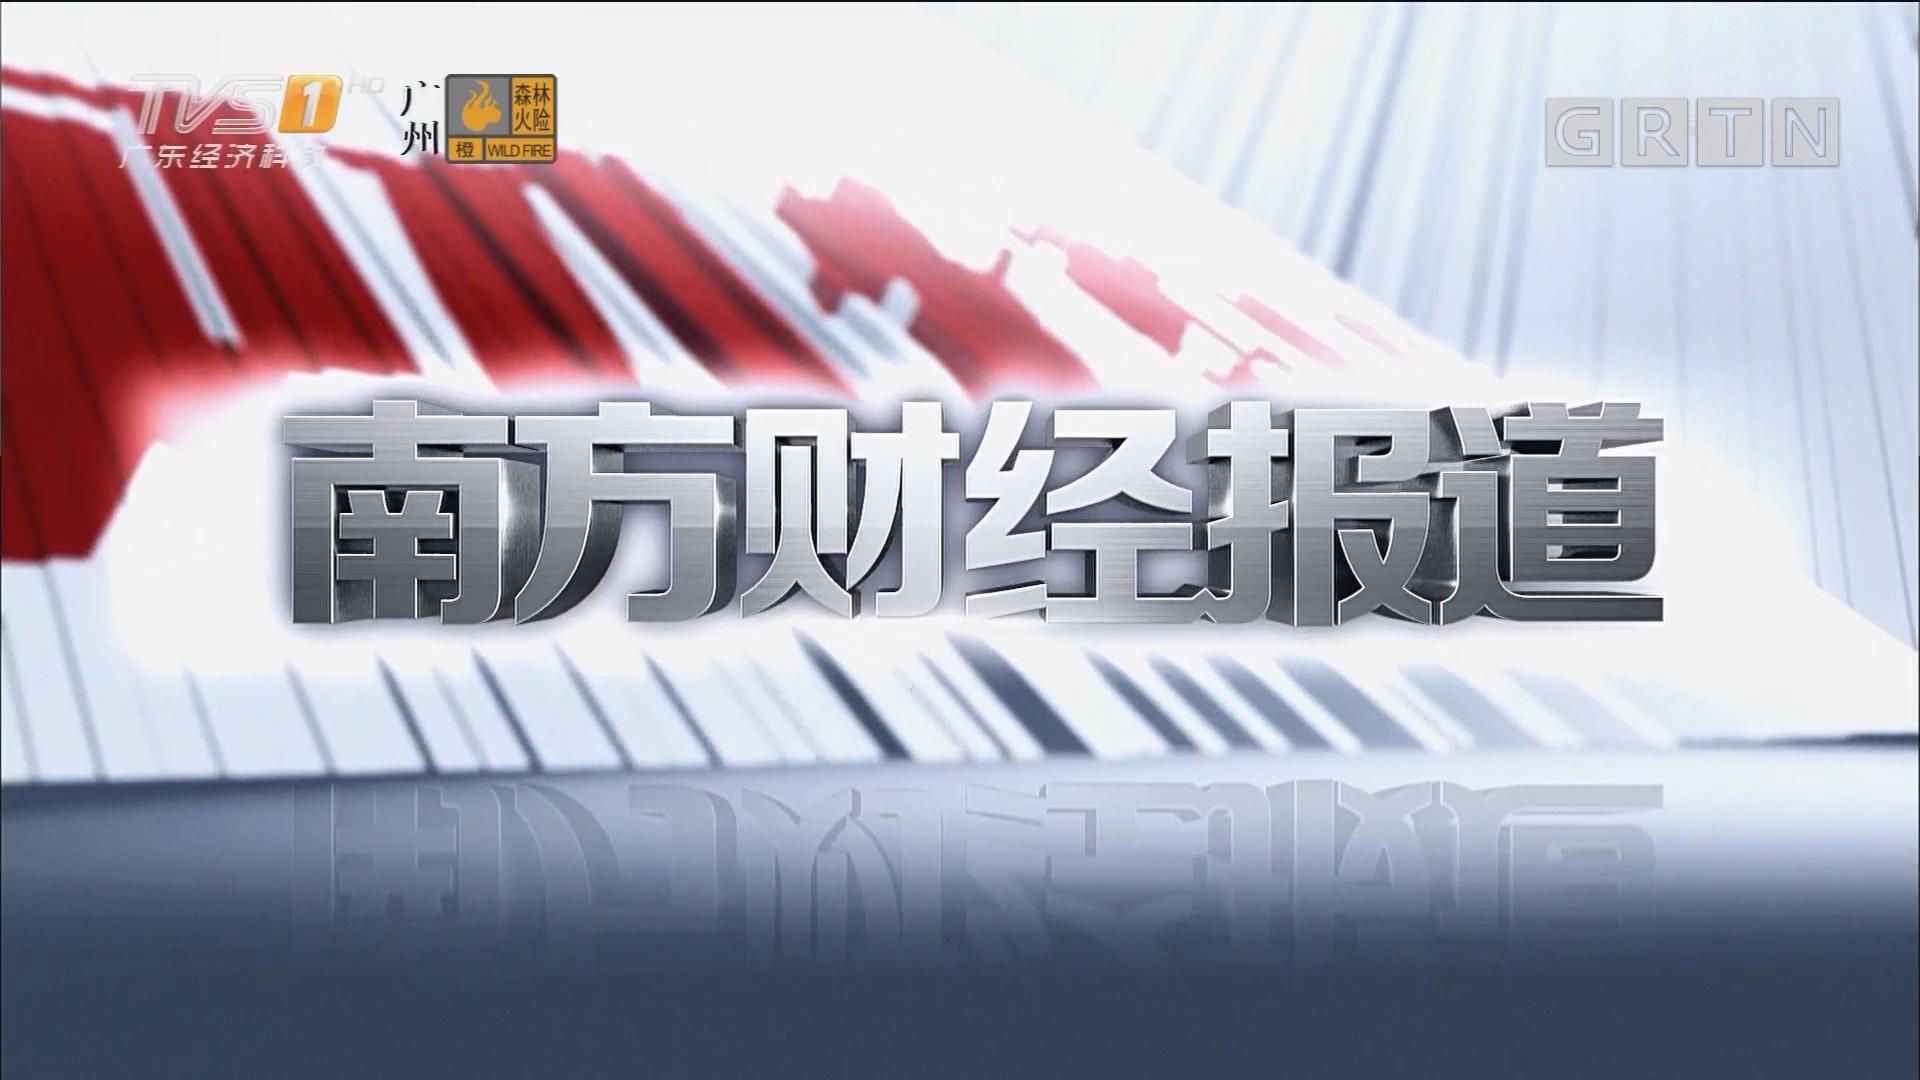 [HD][2018-01-04]南方财经报道:中共广东省委十二届三次全会在广州召开 李希代表省委常委会作工作报告